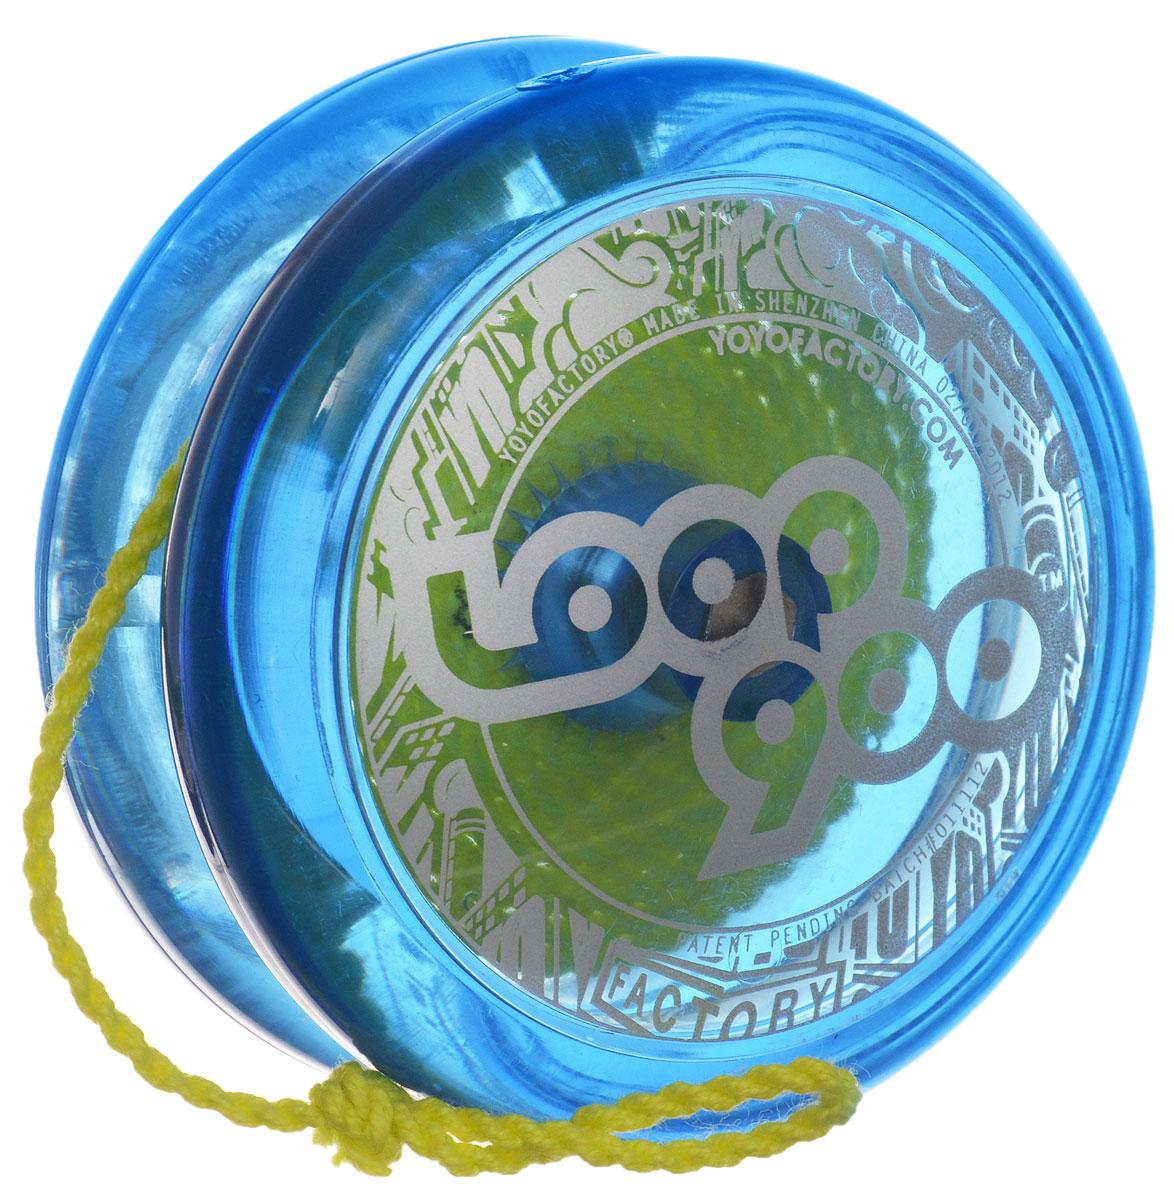 YoYoFactory Йо-йо Loop 900 цвет синийLoop 900_синийЙо-йо YoYoFactory Loop 900 - это узнаваемый H-профиль, идеальное покрытие и стабильность, неизменное качество исполнения. На веревке йо-йо сидит великолепно, а игра с ним - одно удовольствие! Йо-йо - это игрушка, состоящая из двух симметричных половинок соединенных осью, к которой прикреплена веревка. Современный йо-йо значительно отличается от тех, к которым многие привыкли. Сейчас йо-йо - это такая же часть молодежной культуры как скейт, ВМХ или сноуборд. Йо-йо популярно во многих странах мира, таких как Россия, США и Япония. Ежегодно во всем мире проходят различные чемпионаты по игре с йо-йо, в том числе и Чемпионат России, в котором собираются лучшие игроки со всей страны.